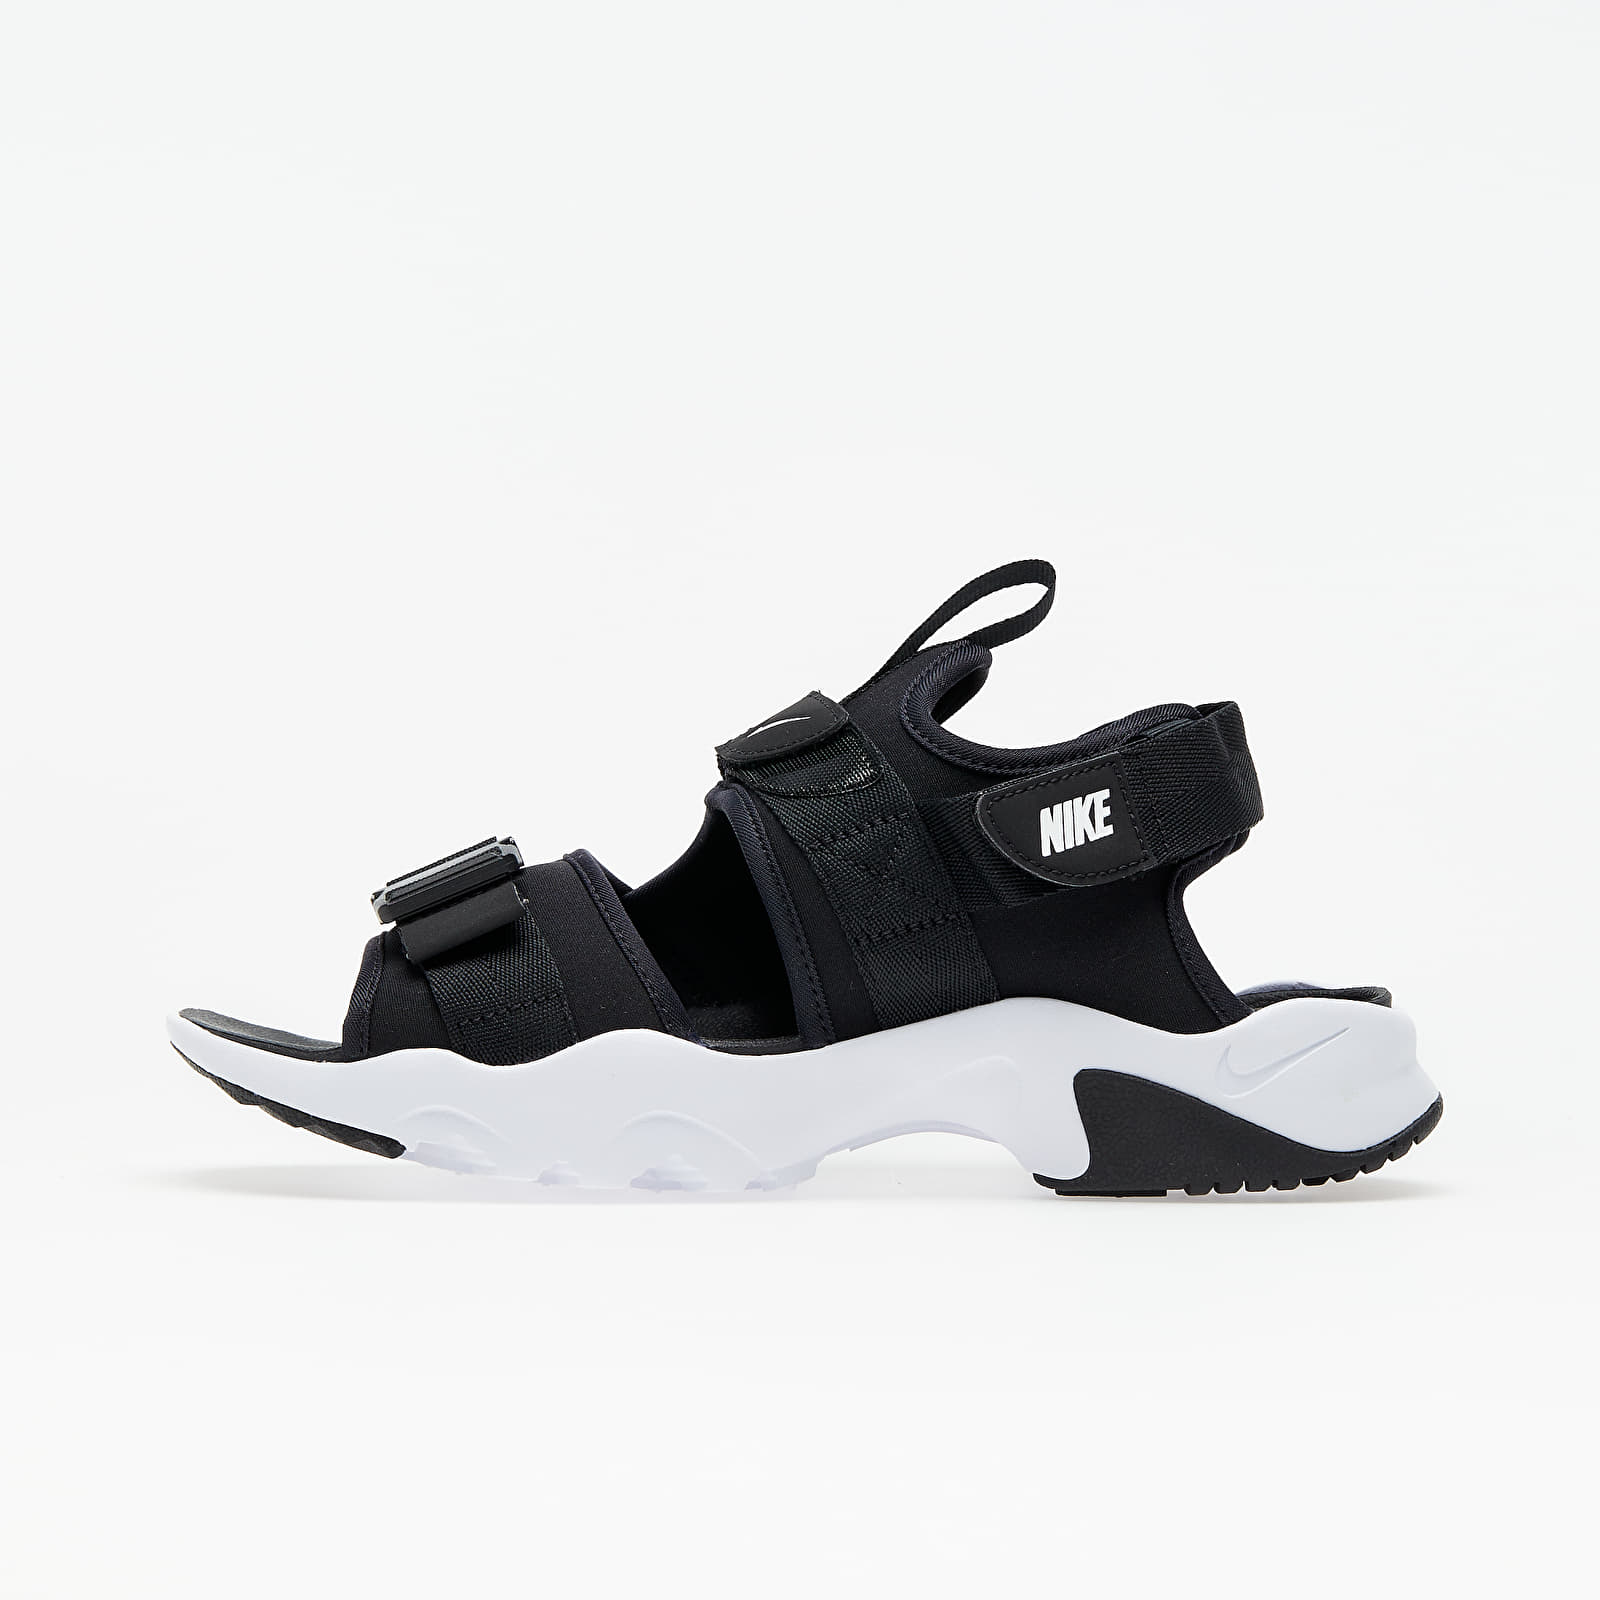 Nike Wmns Canyon Sandal Black/ White-Black EUR 39